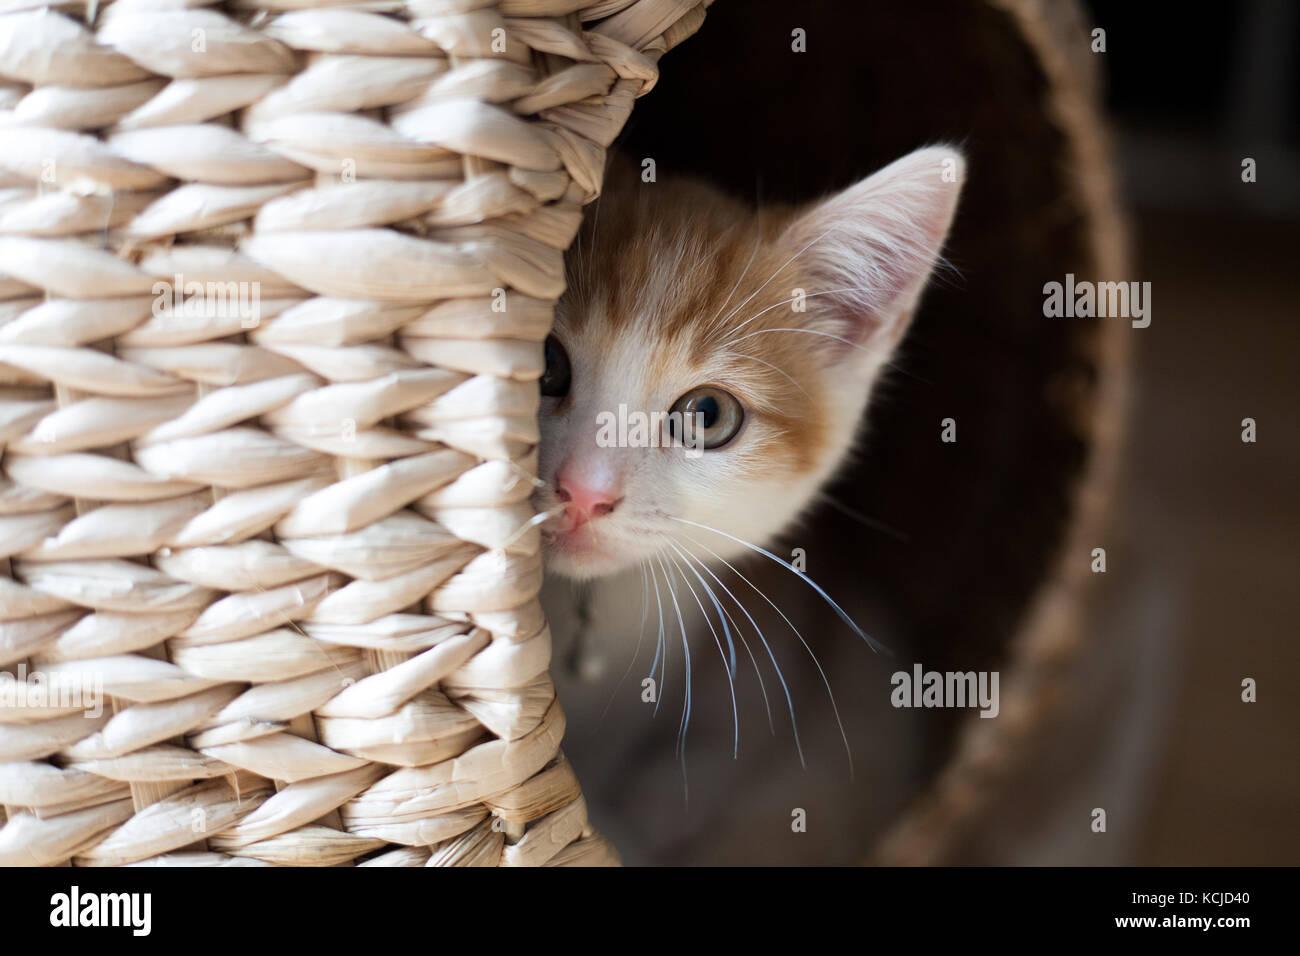 cute ginger kitten peeking out of a wicker pod - Stock Image